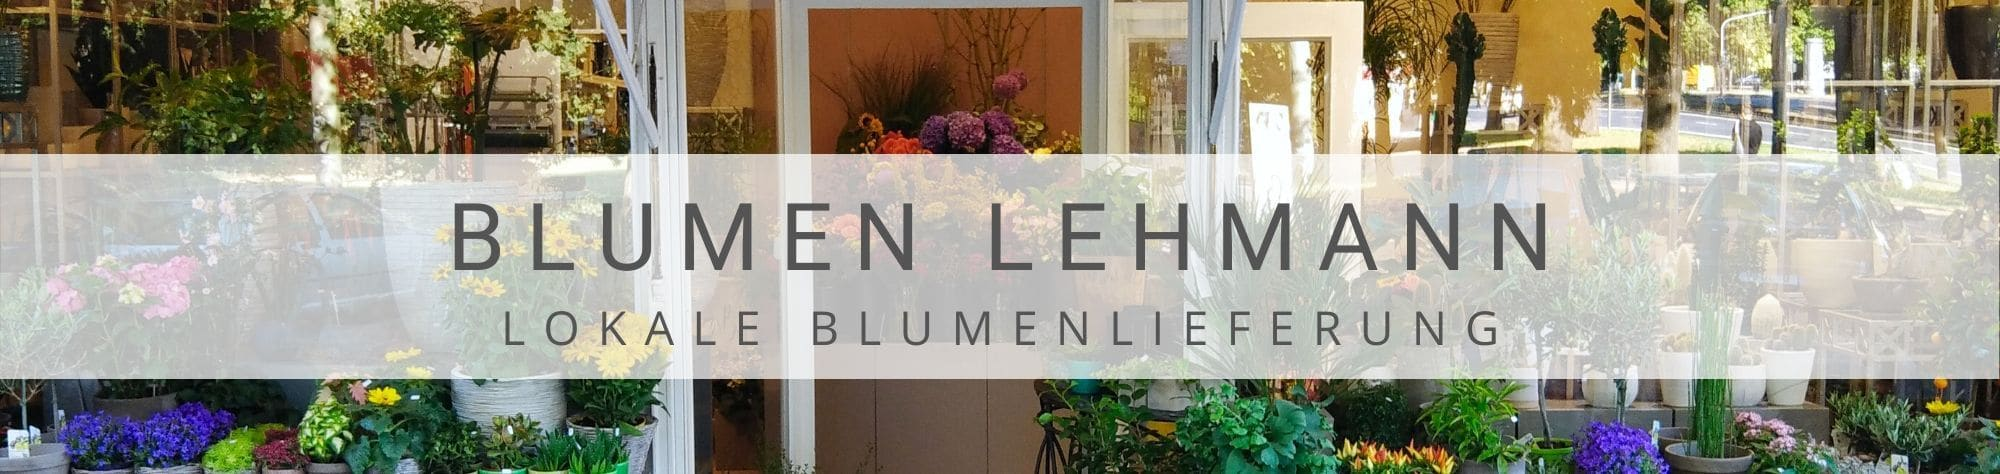 Blumen verschicken in Düsseldorf - Blumenversand